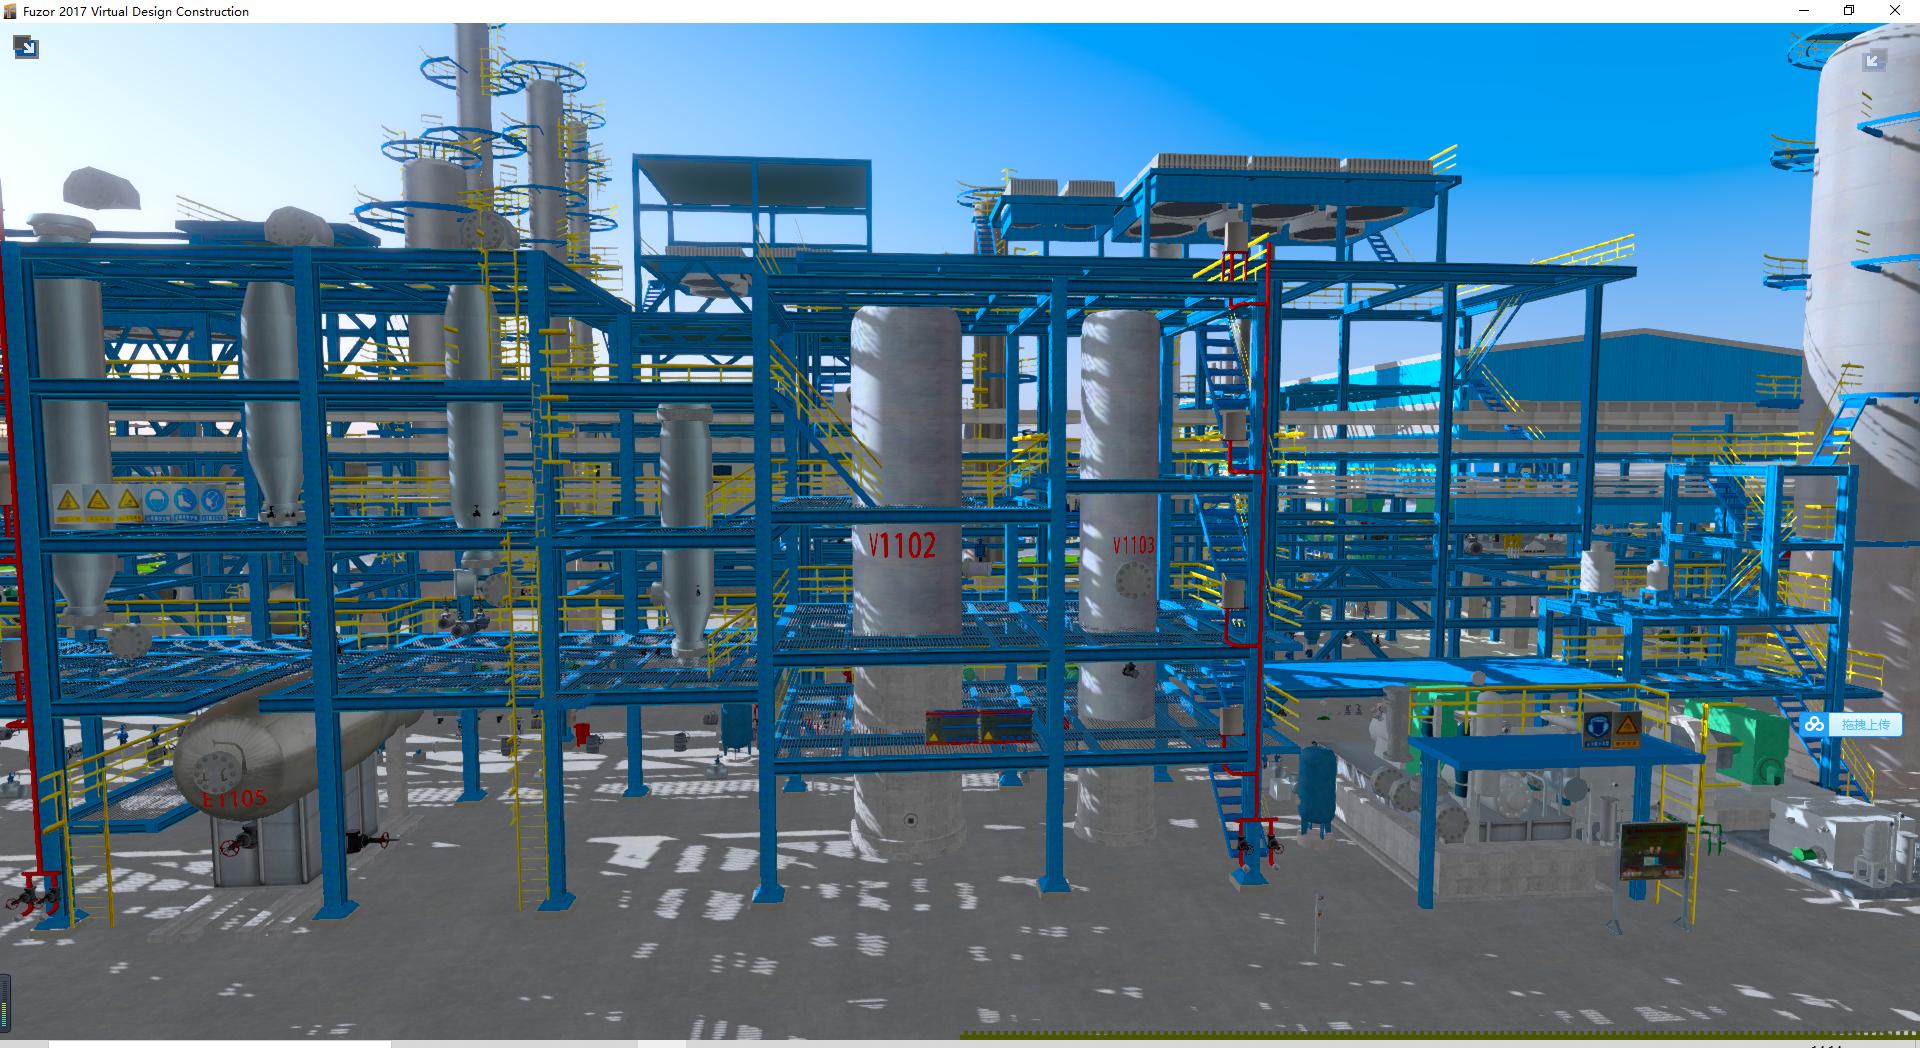 化工厂3D建模/化工3D建模/工业3D建模/工业园3D建模